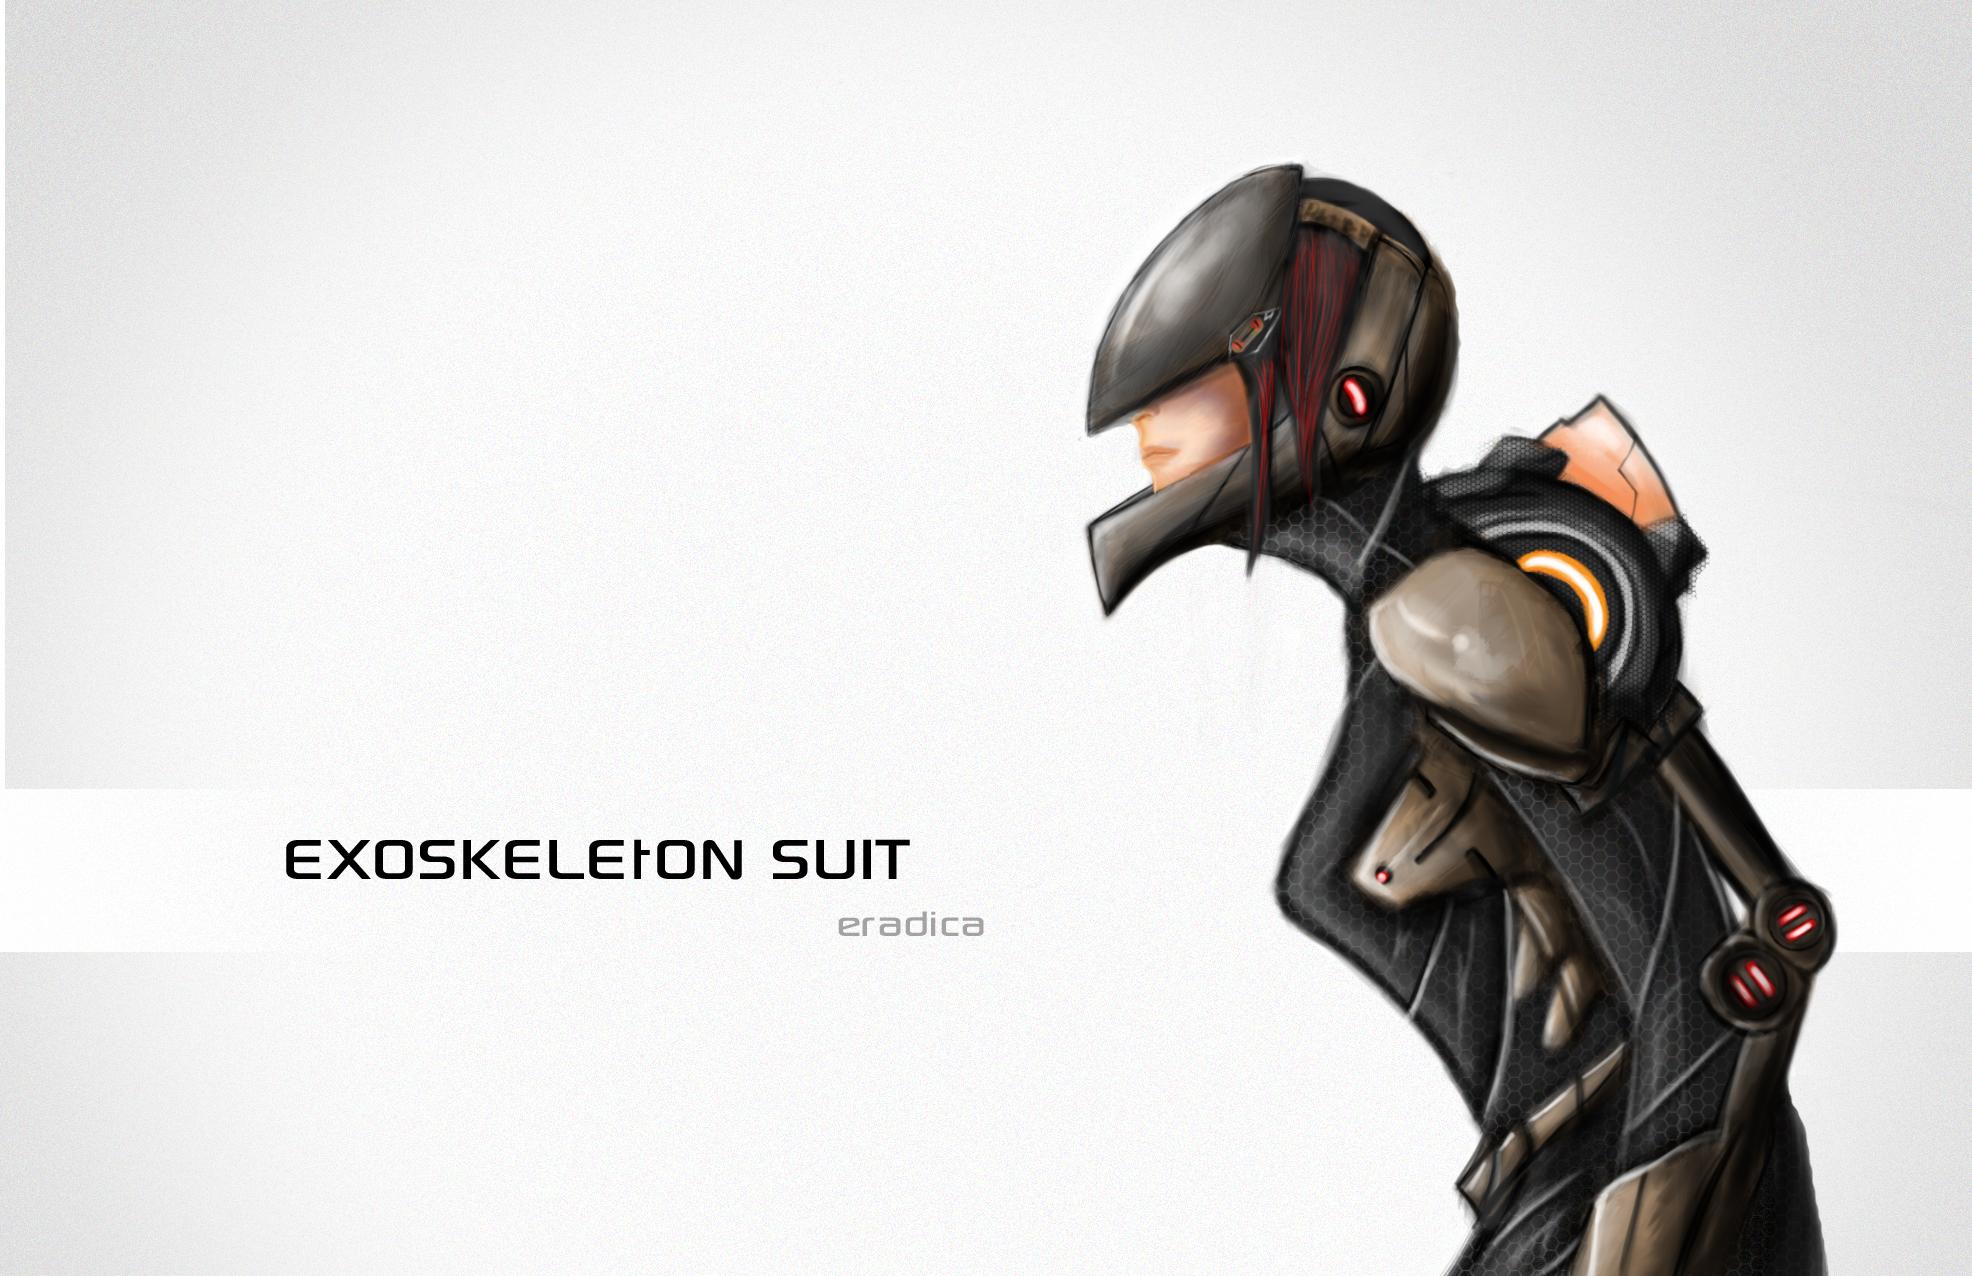 exoskeleton suit